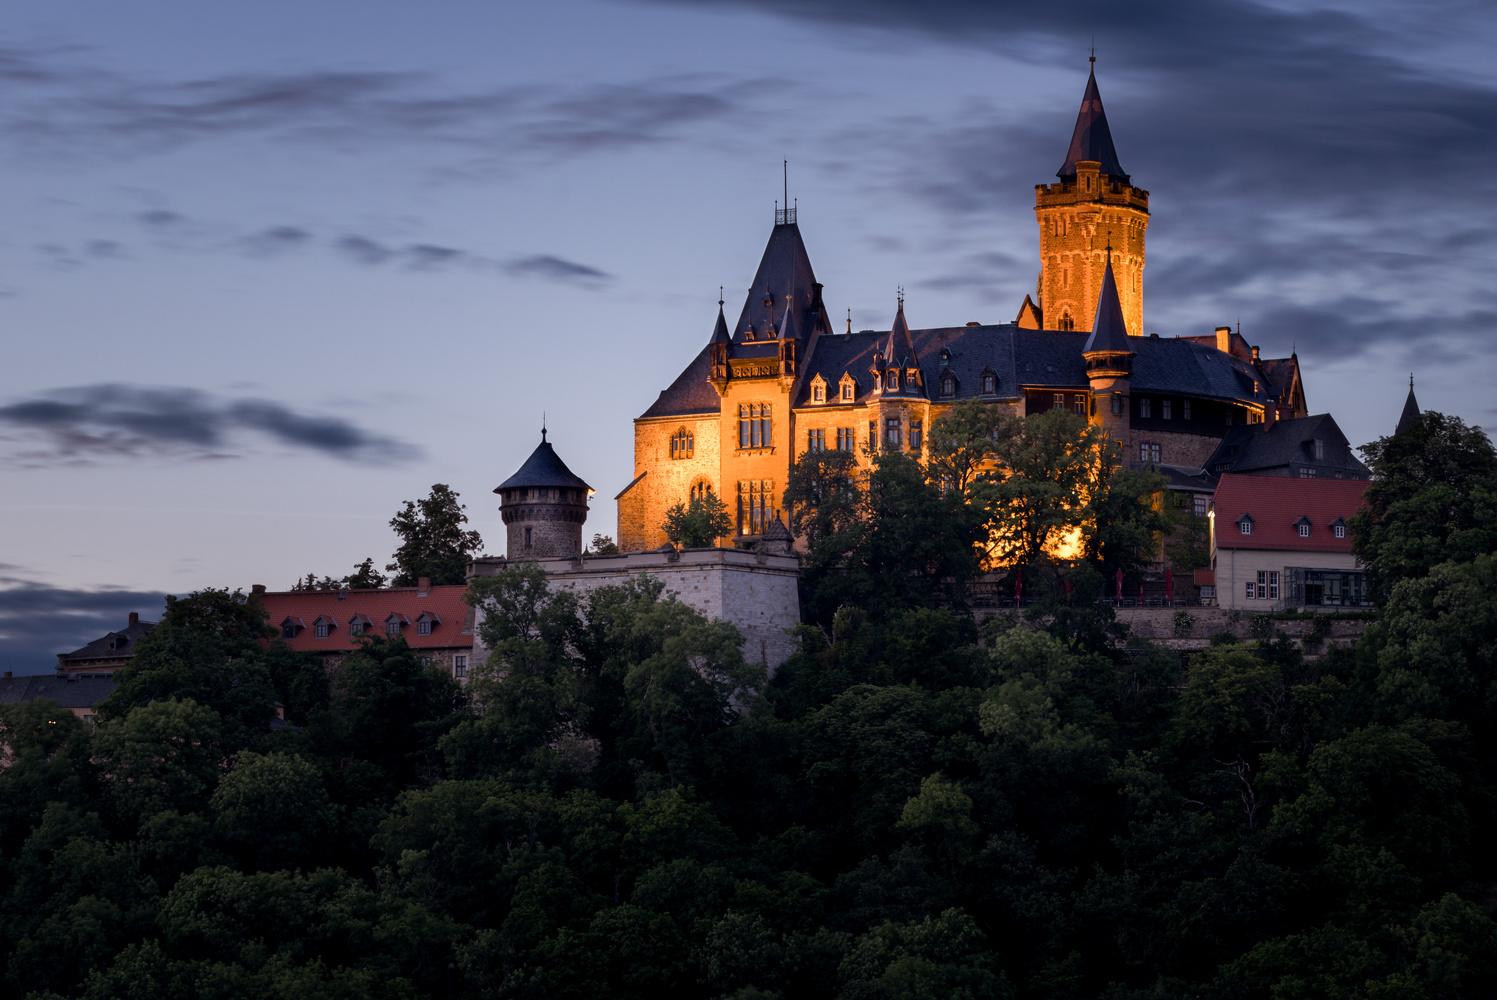 Wernigerode Castle by Sebastian Schmidt